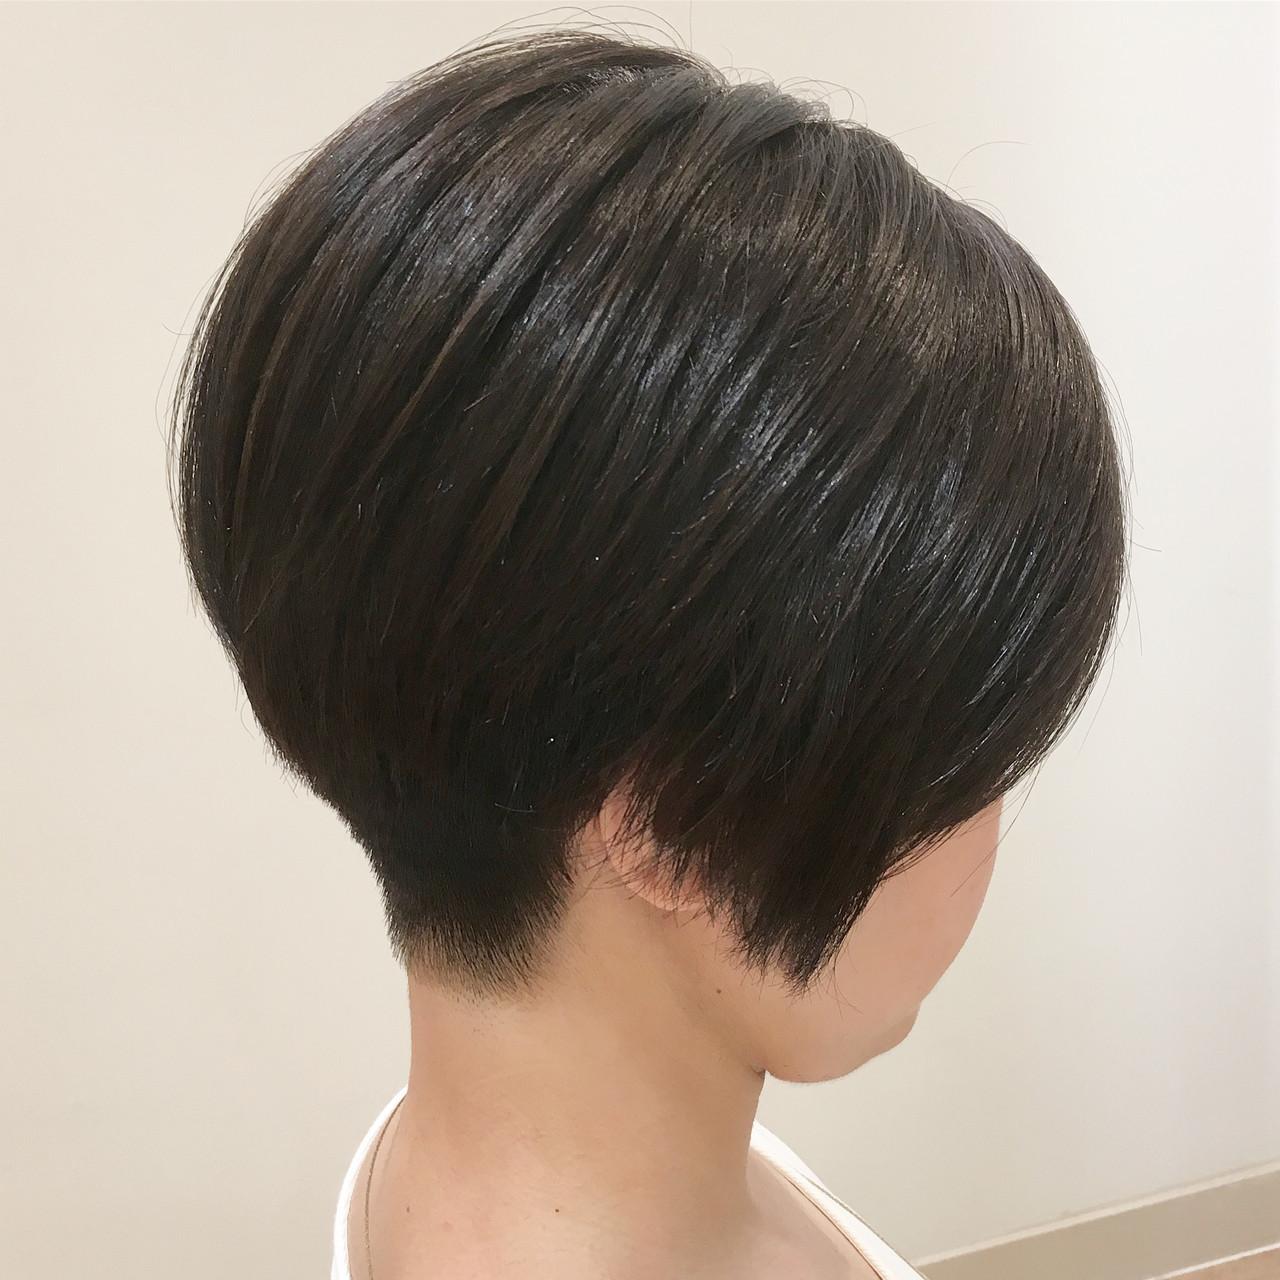 オフィス 刈り上げ 前下がりボブ コンサバ ヘアスタイルや髪型の写真・画像